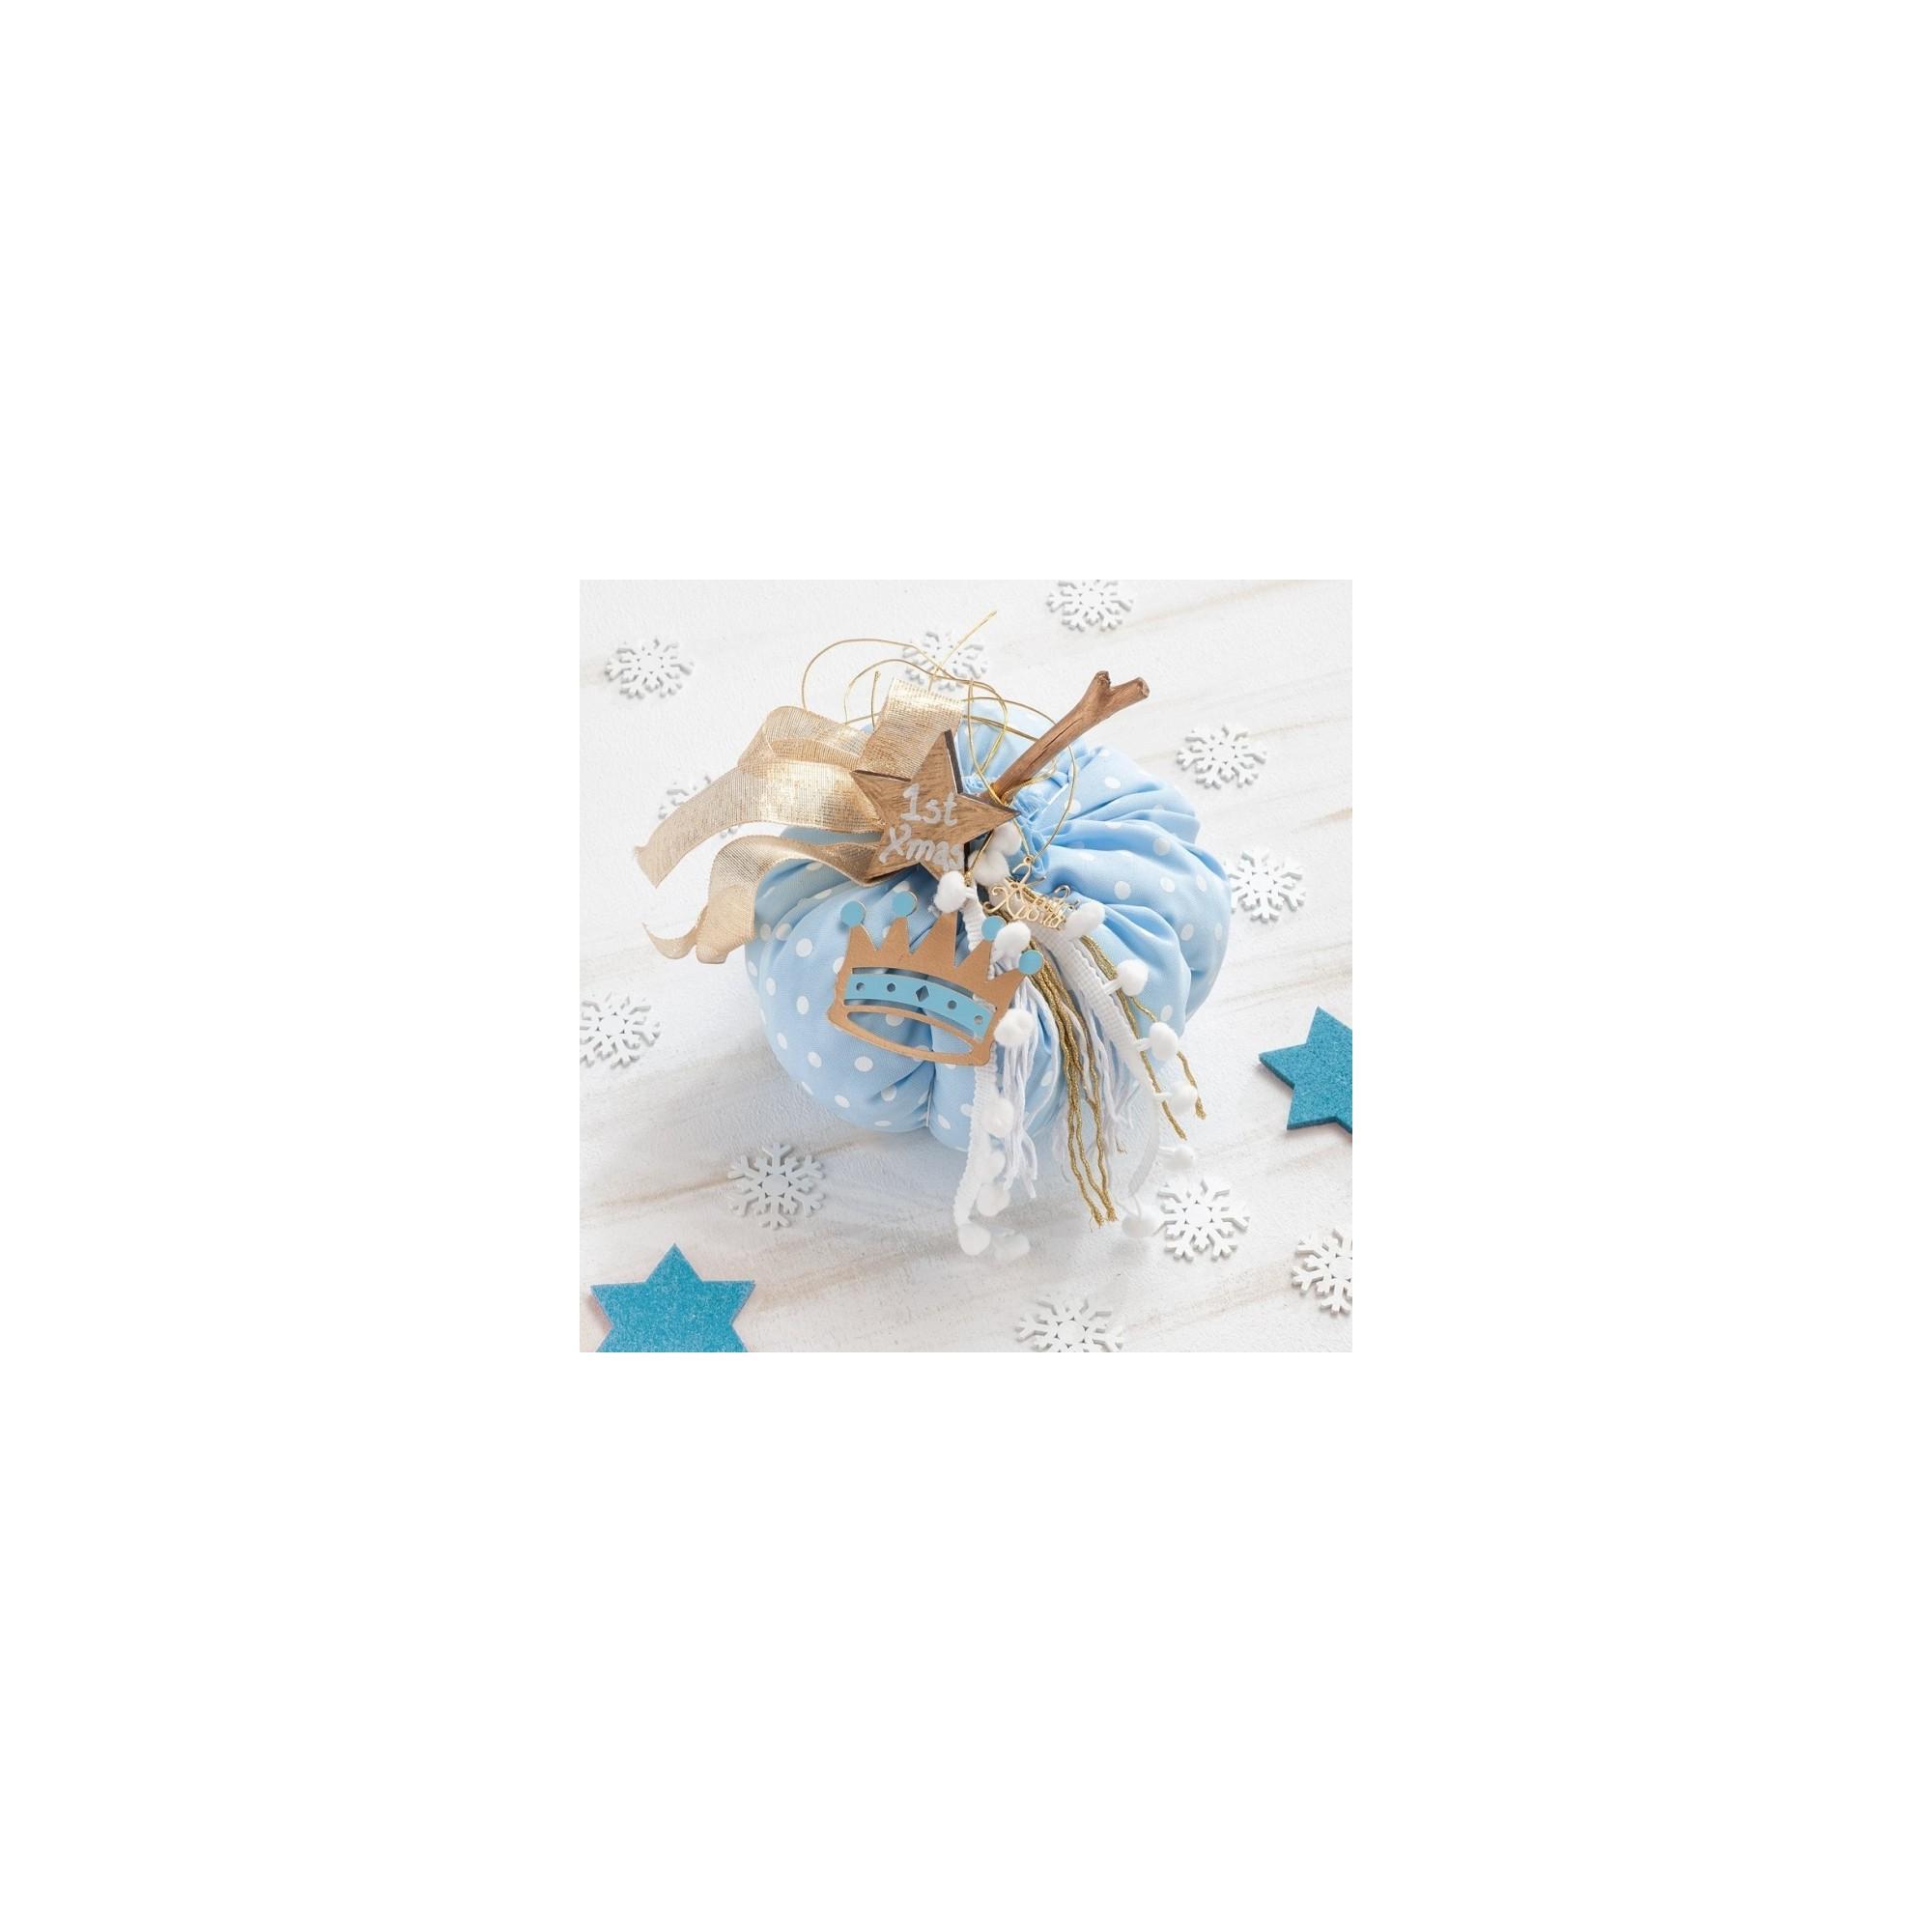 Χριστουγεννιάτικη Διακοσμητική κολοκύθα - PAR-14807